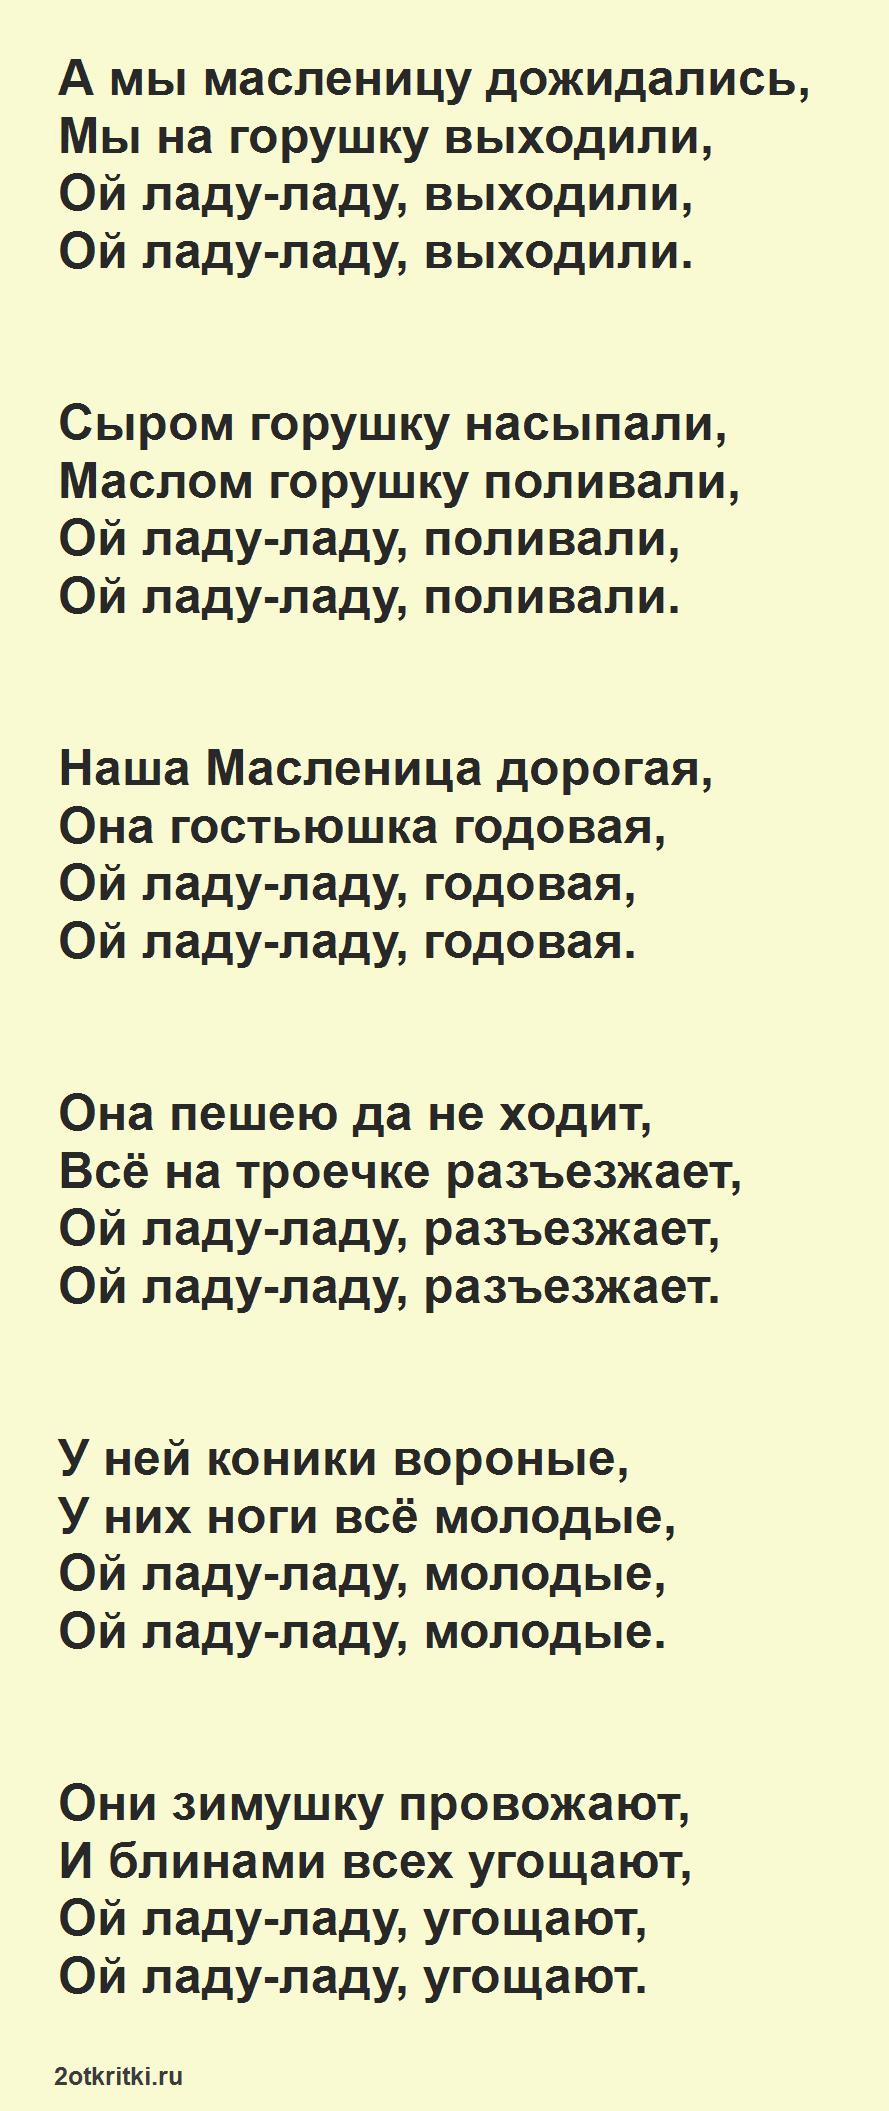 Народные песни масленица - А мы масленицу дожидались